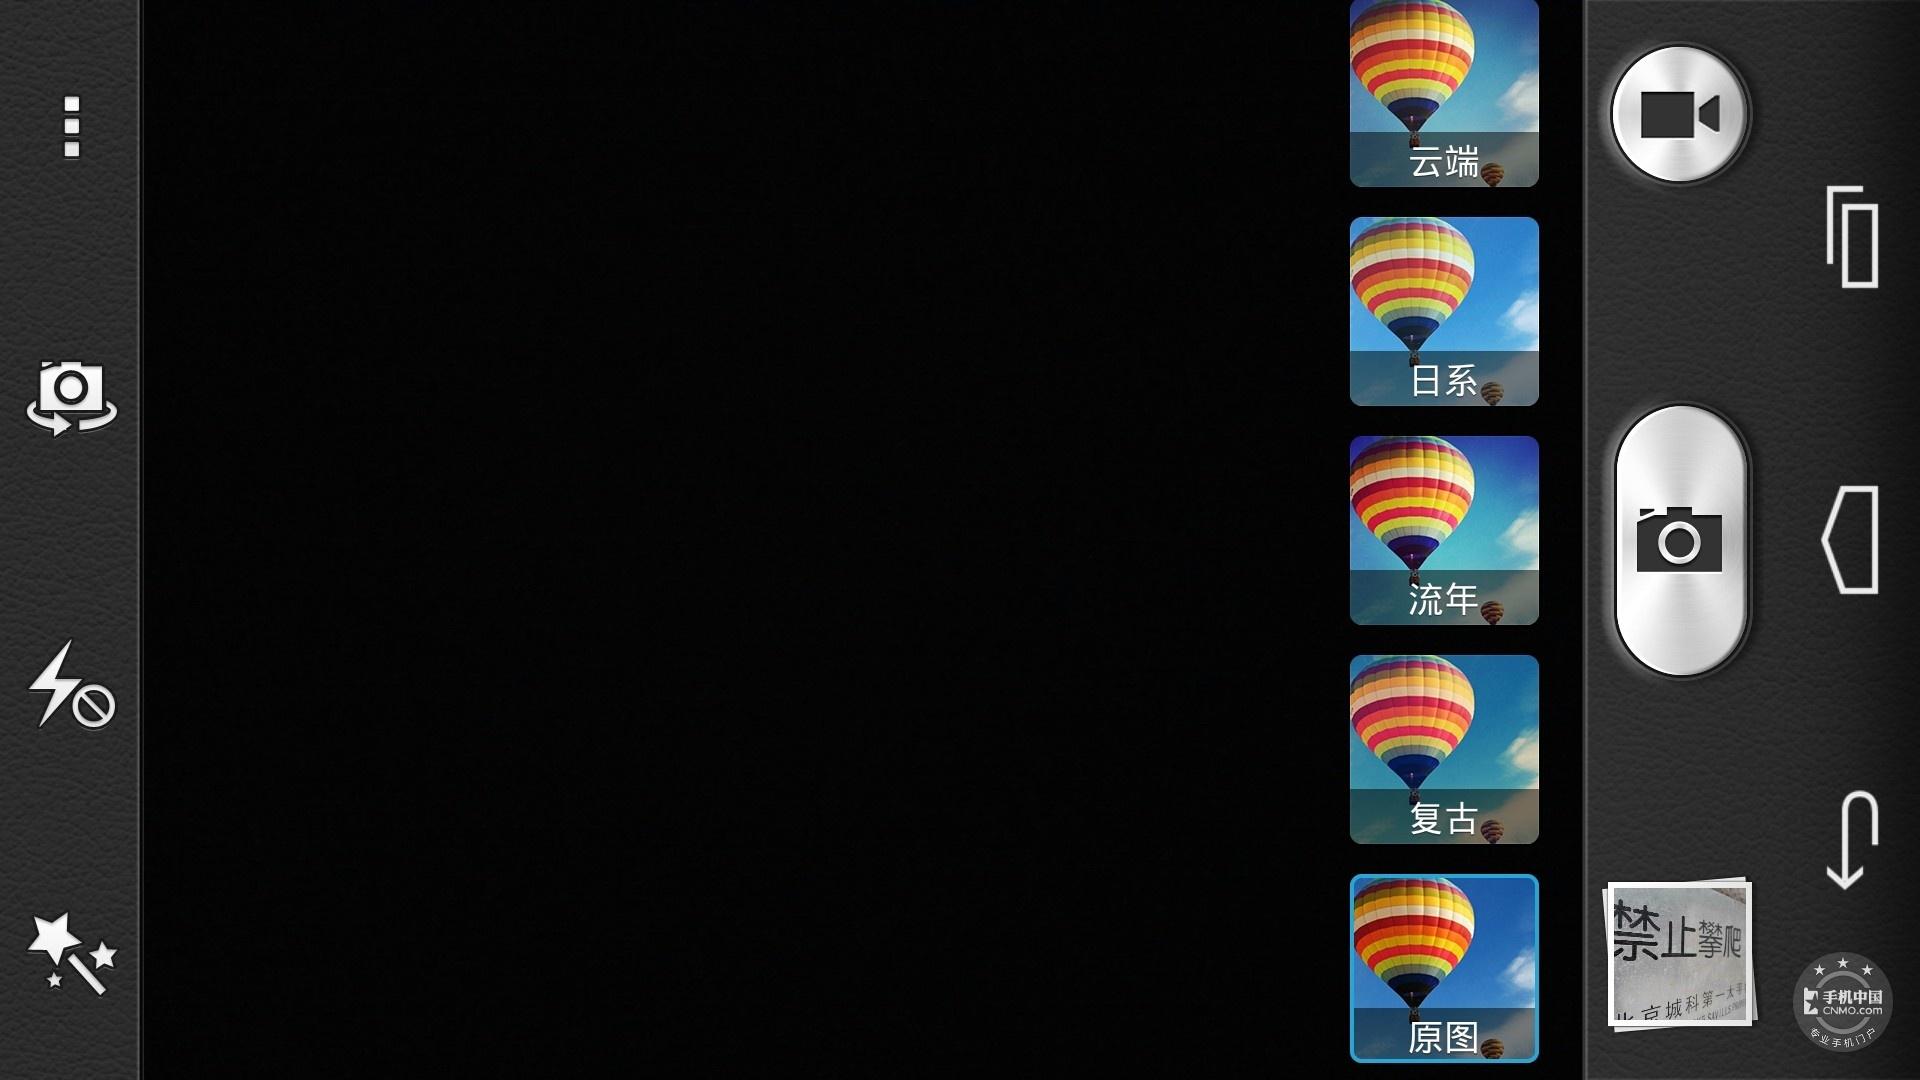 荣耀6(移动4G/16GB)手机功能界面第3张